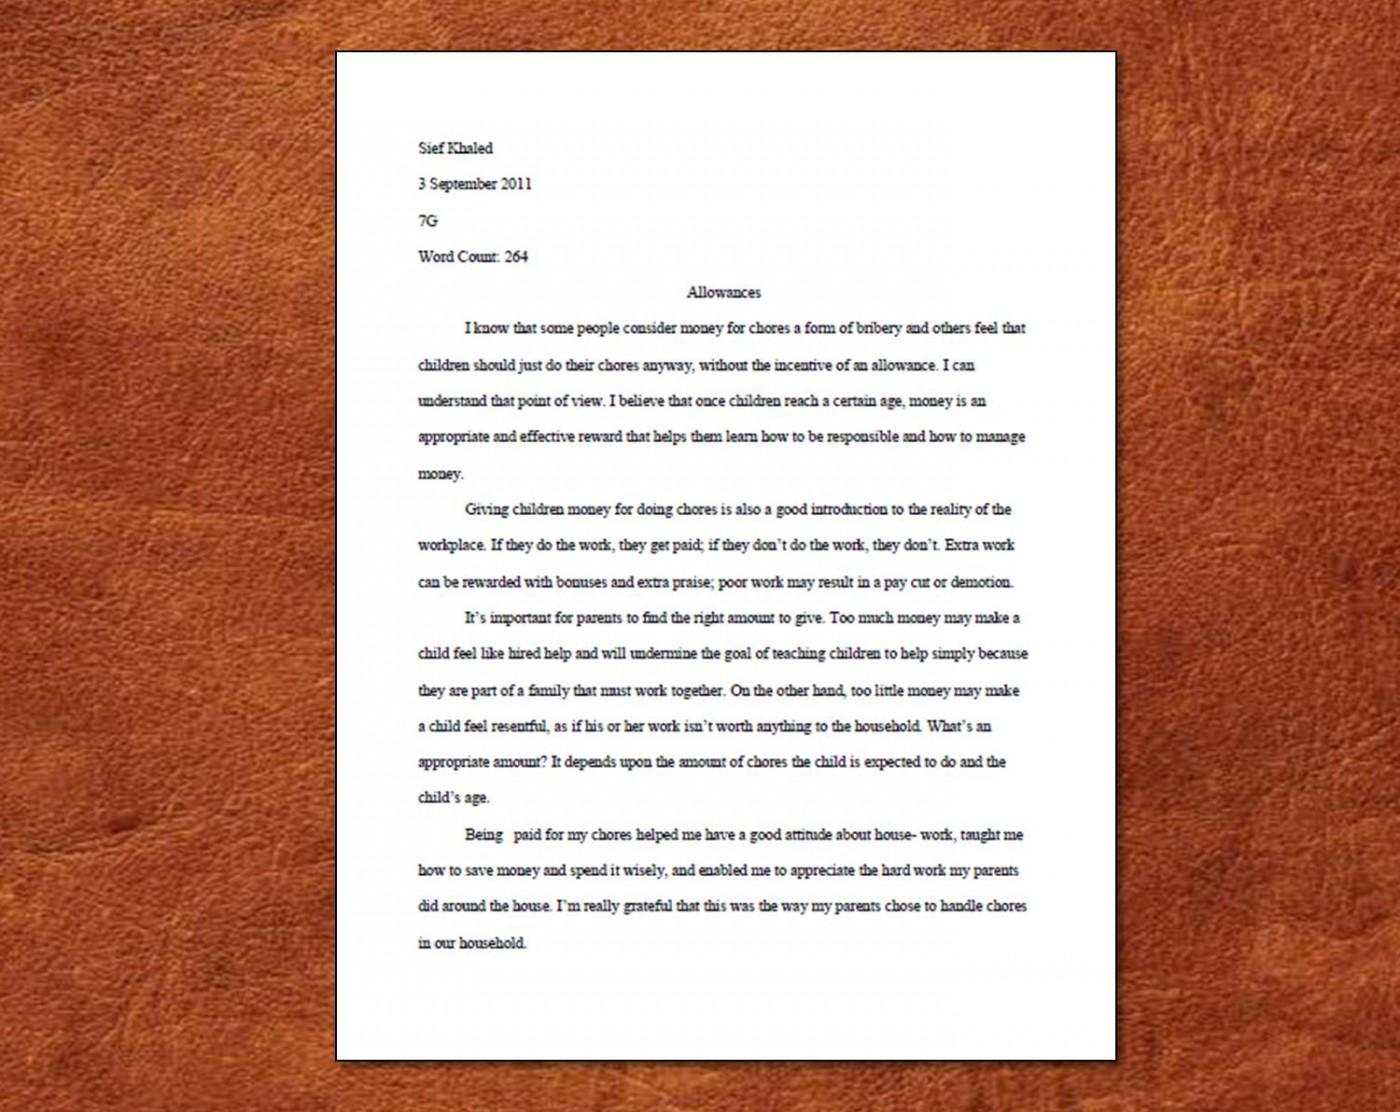 007 Picture1 Essay Fixer Phenomenal College Checker Plagiarism 1400